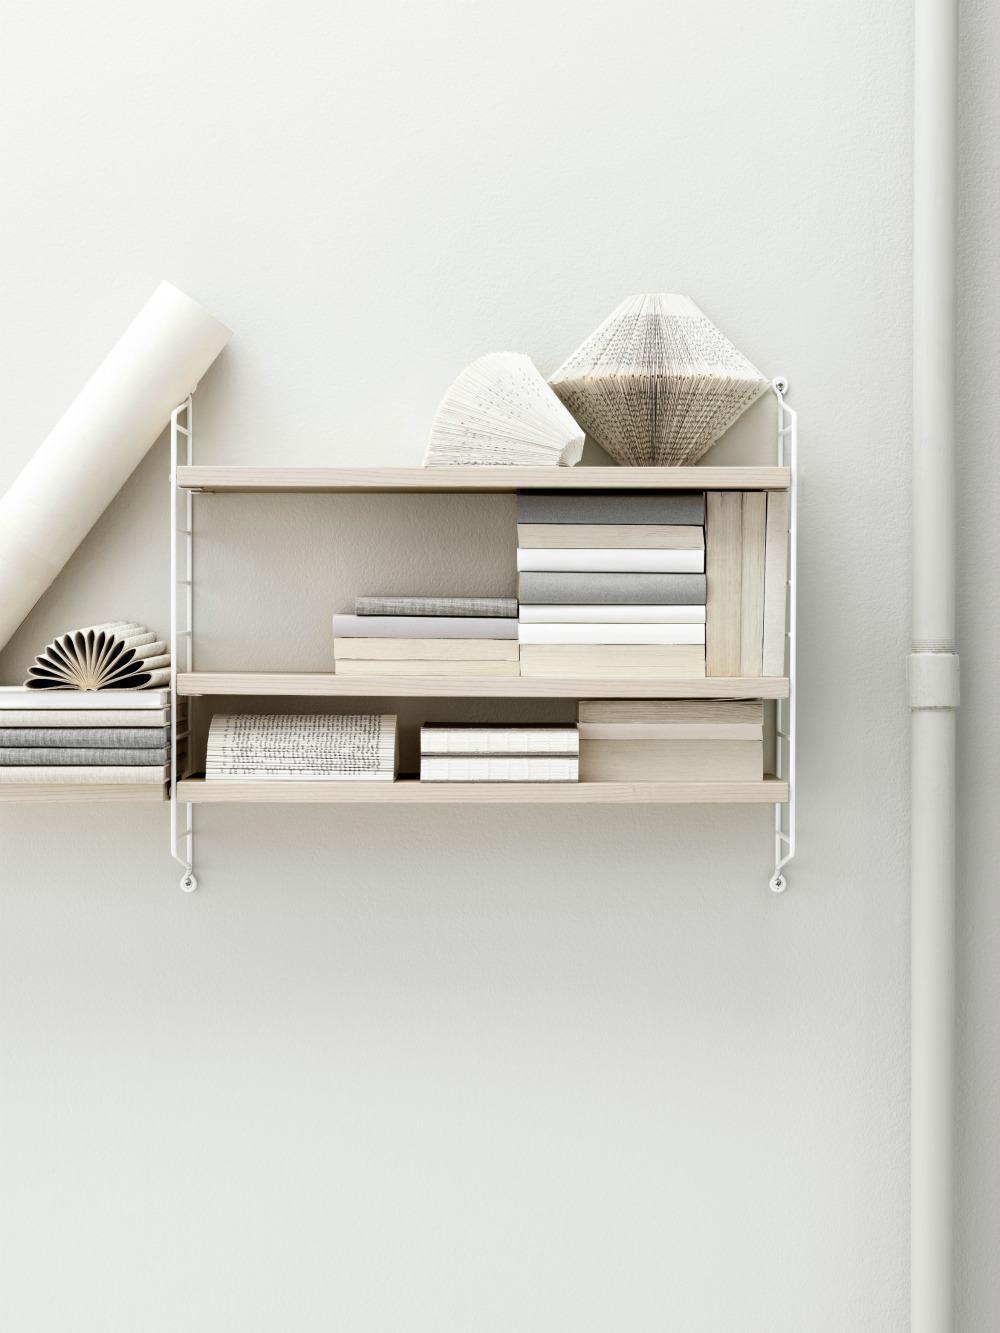 pocket wandregal esche wei von string wohngoldst ck. Black Bedroom Furniture Sets. Home Design Ideas